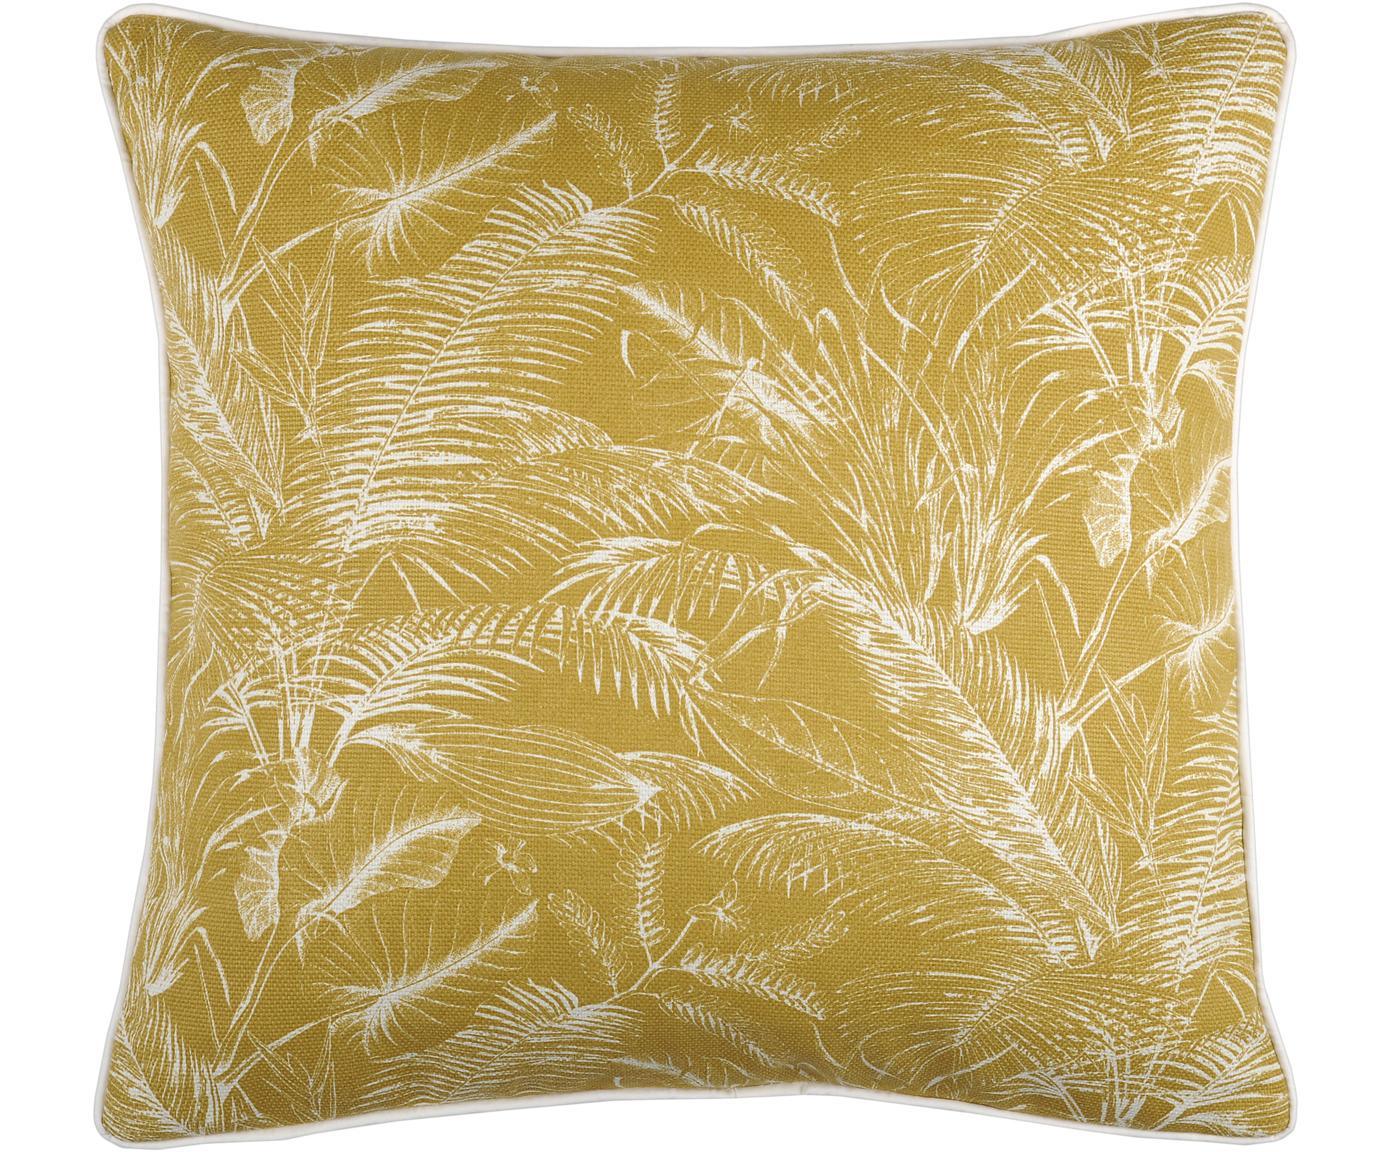 Poduszka z wypełnieniem Tropicale, Bawełna, Musztardowy, S 50 x D 50 cm